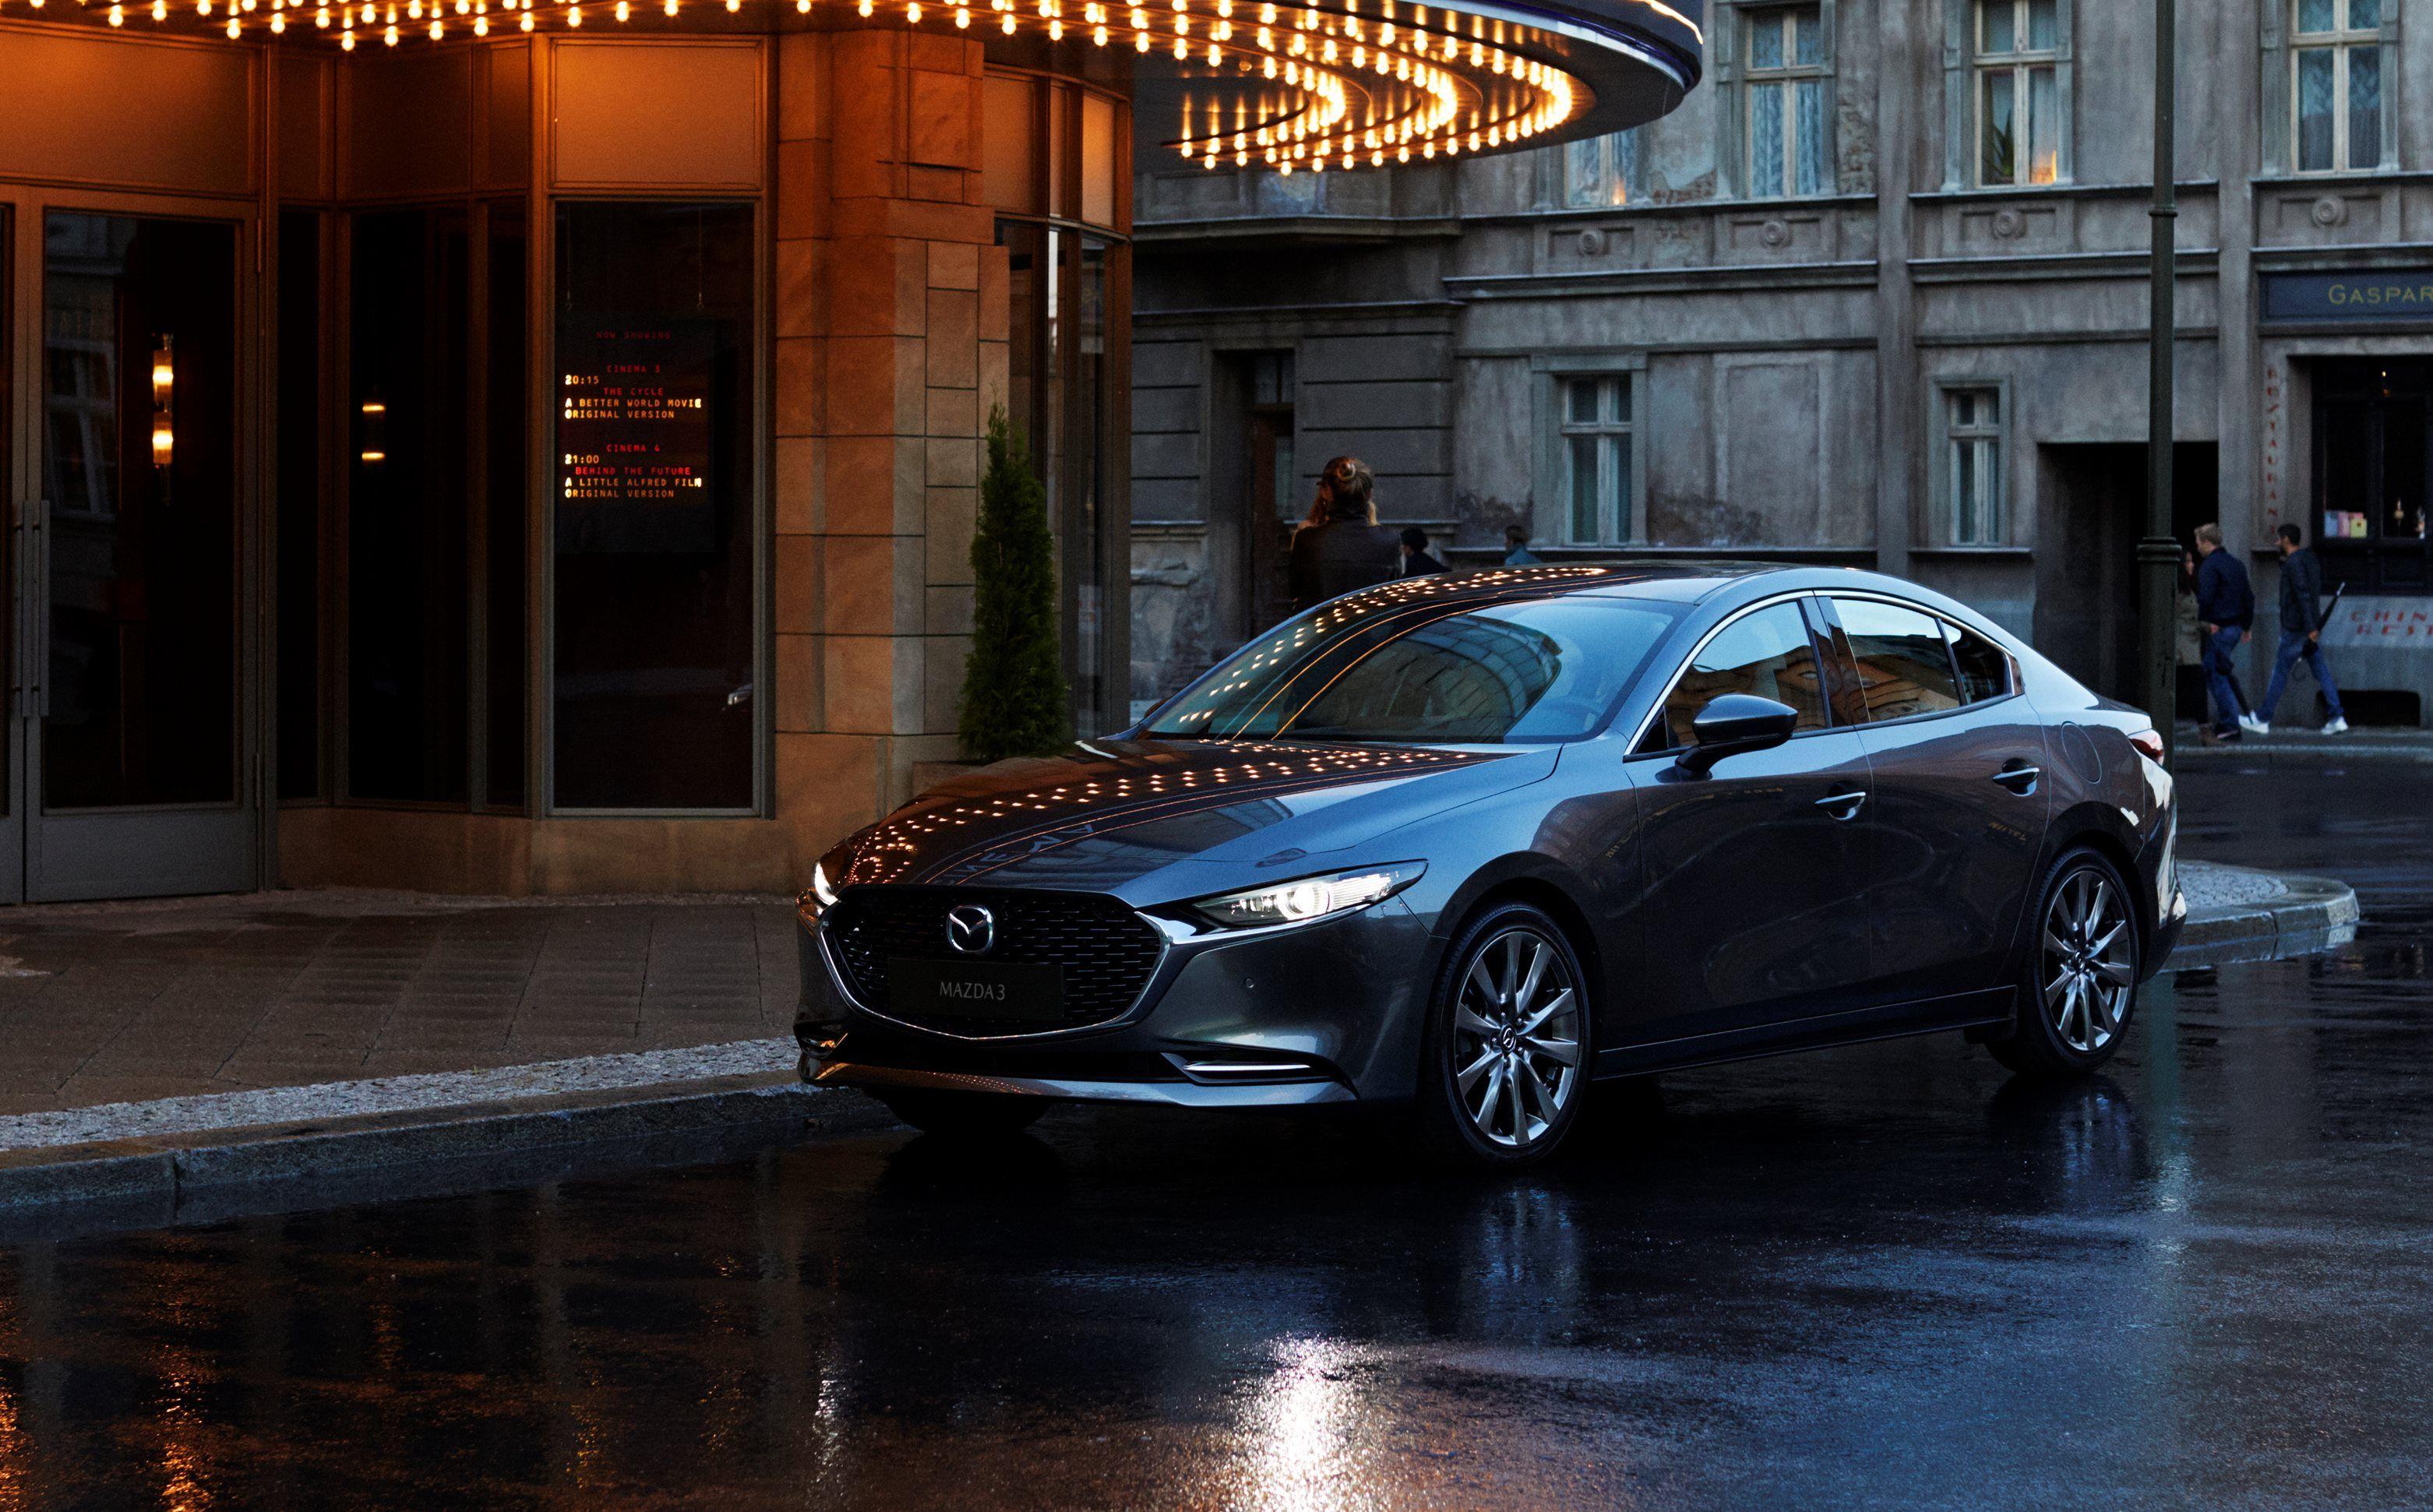 Mehr Unter Www Mazda At Modelle Mazda3 Mazda Sedan Car